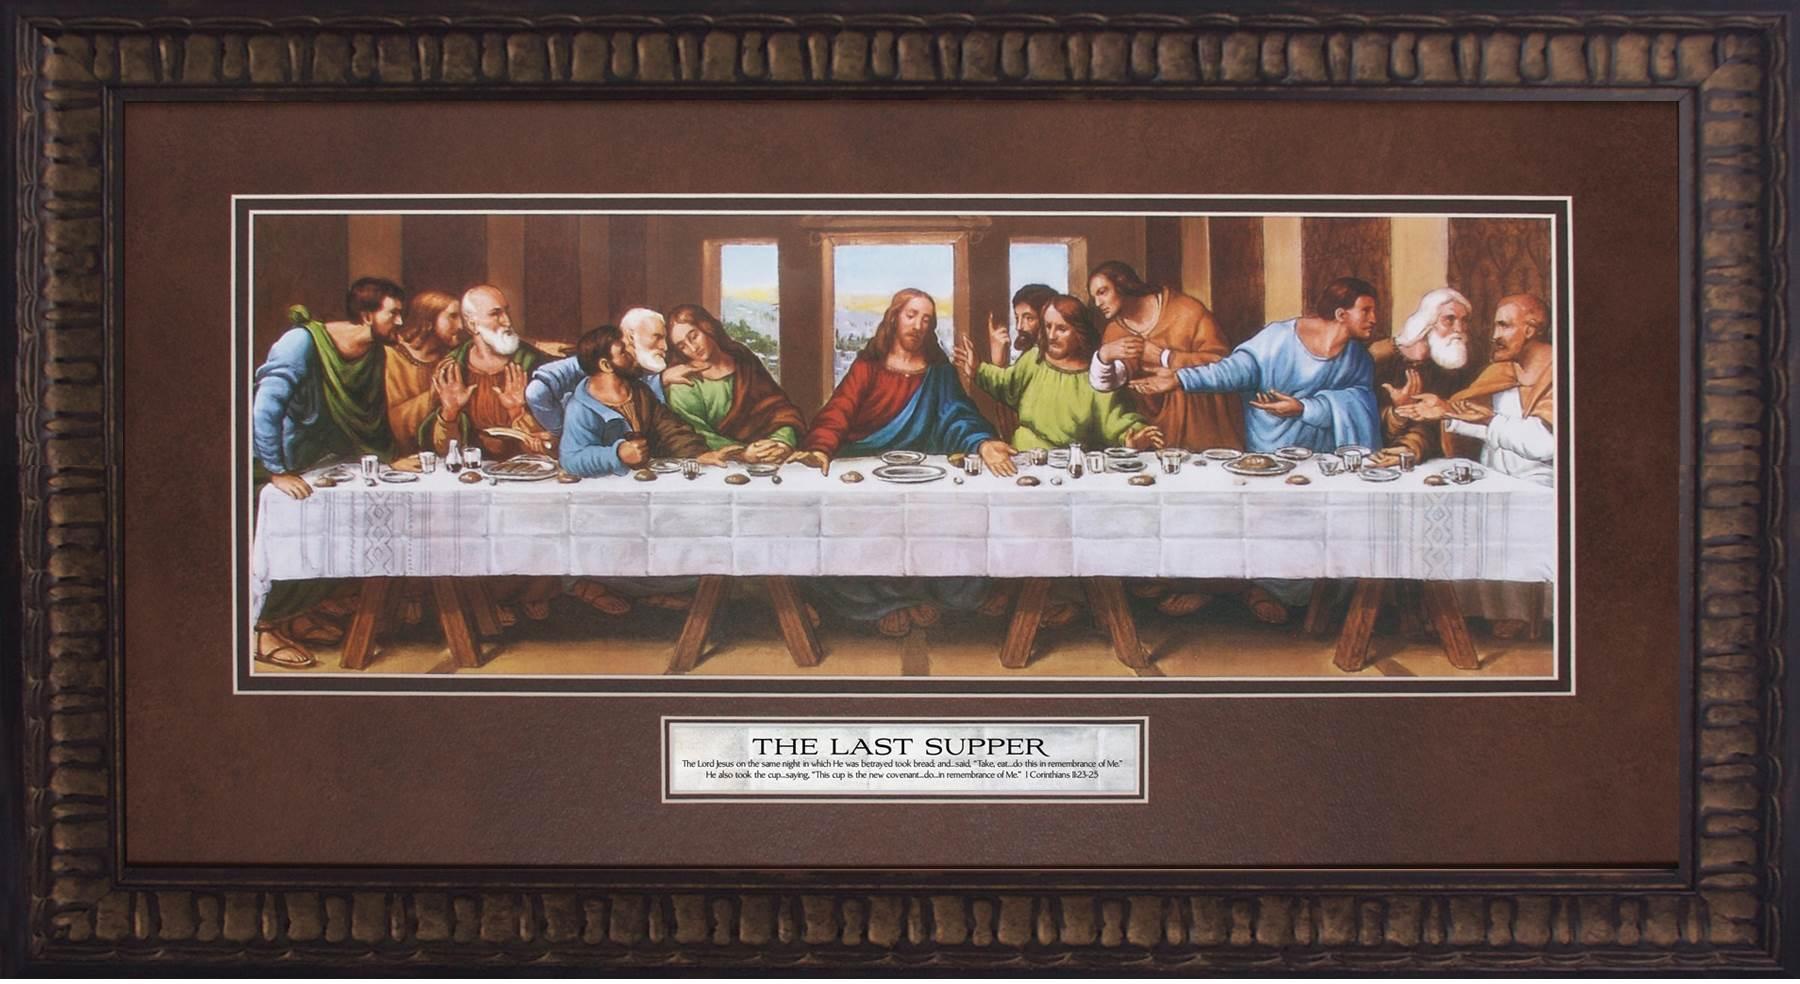 the last supper framed wall art. Black Bedroom Furniture Sets. Home Design Ideas